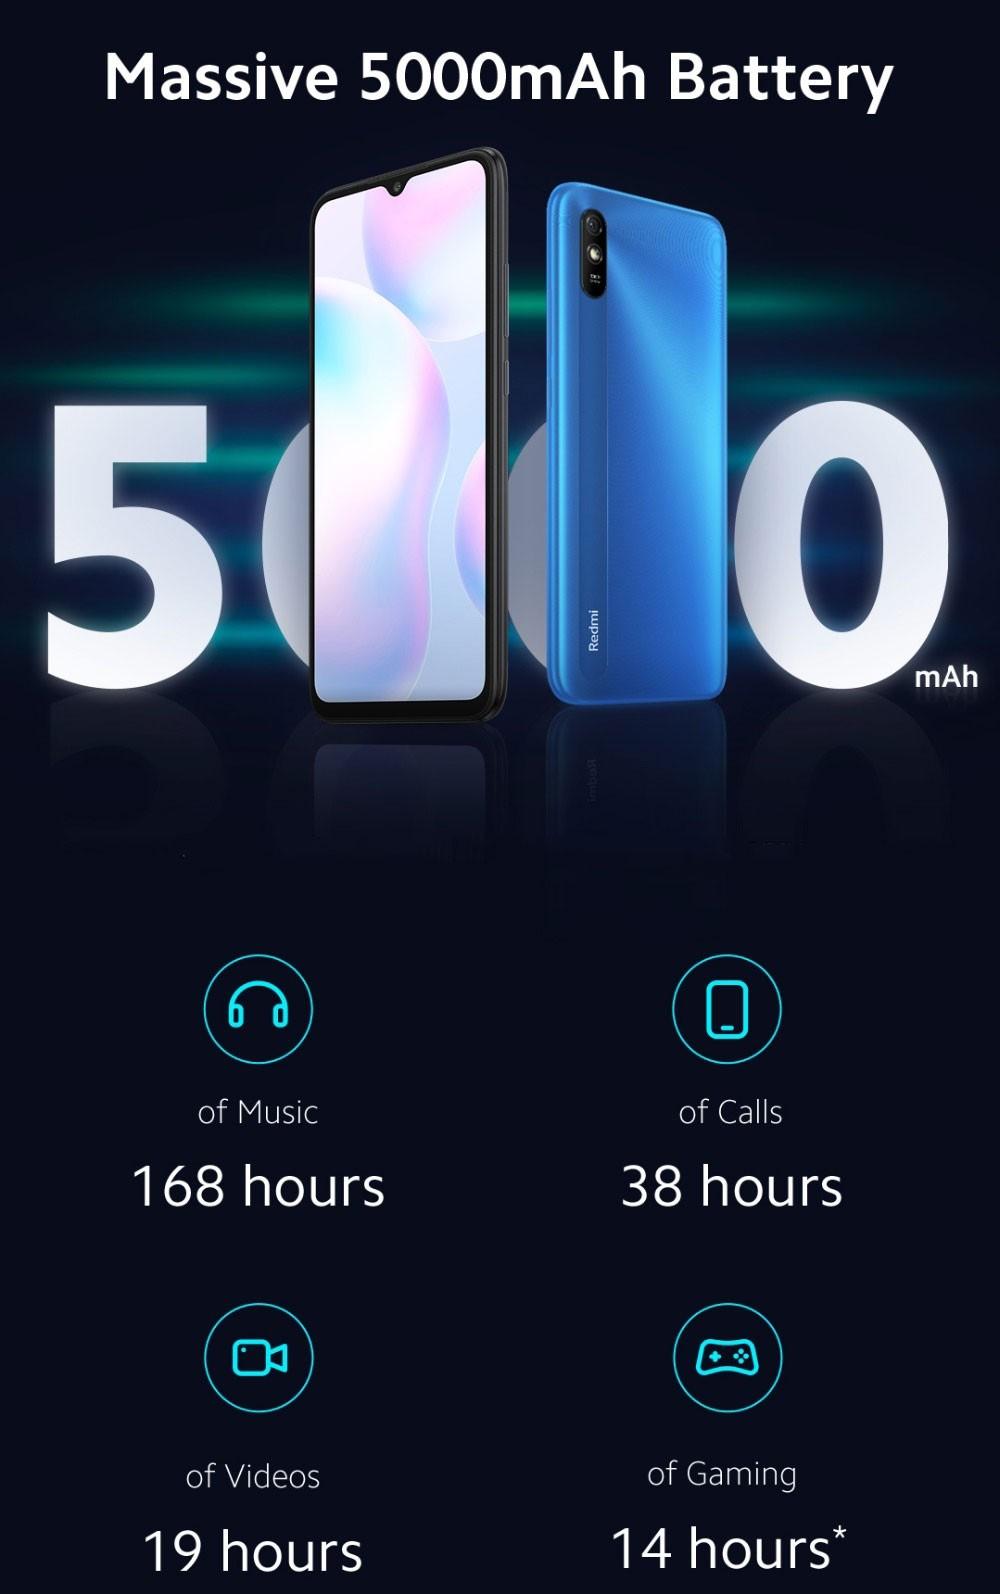 Xiaomi Redmi 9A Smartphone 2GB RAM 32GB ROM EU-Stecker Globale Version - Redmi - Edwaybuy.com